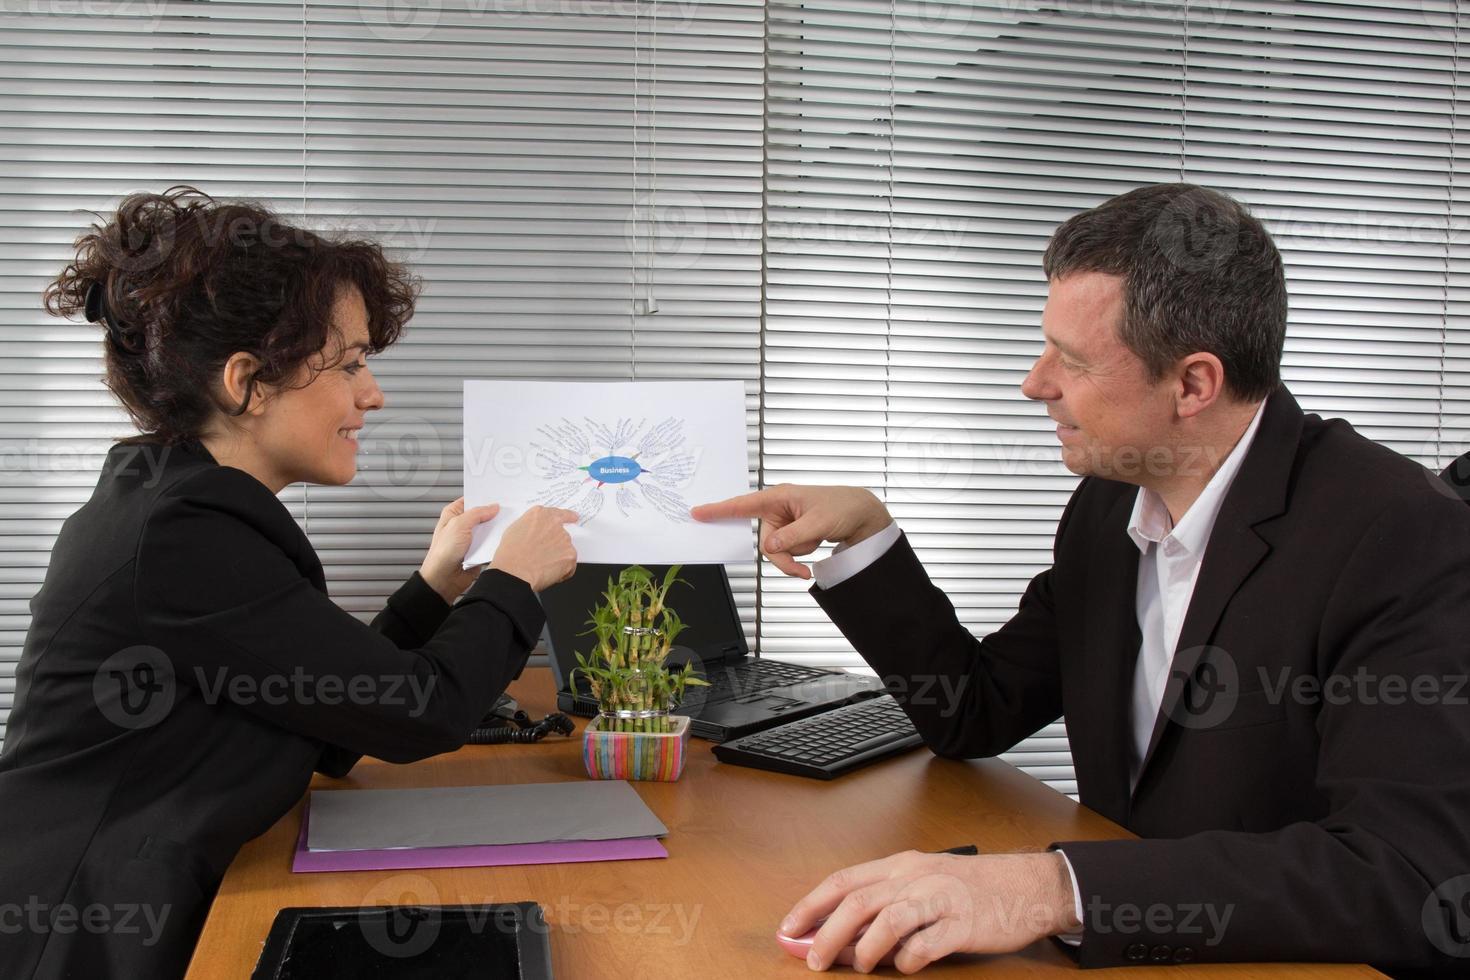 Geschäftsleute analysieren neue Strategie foto